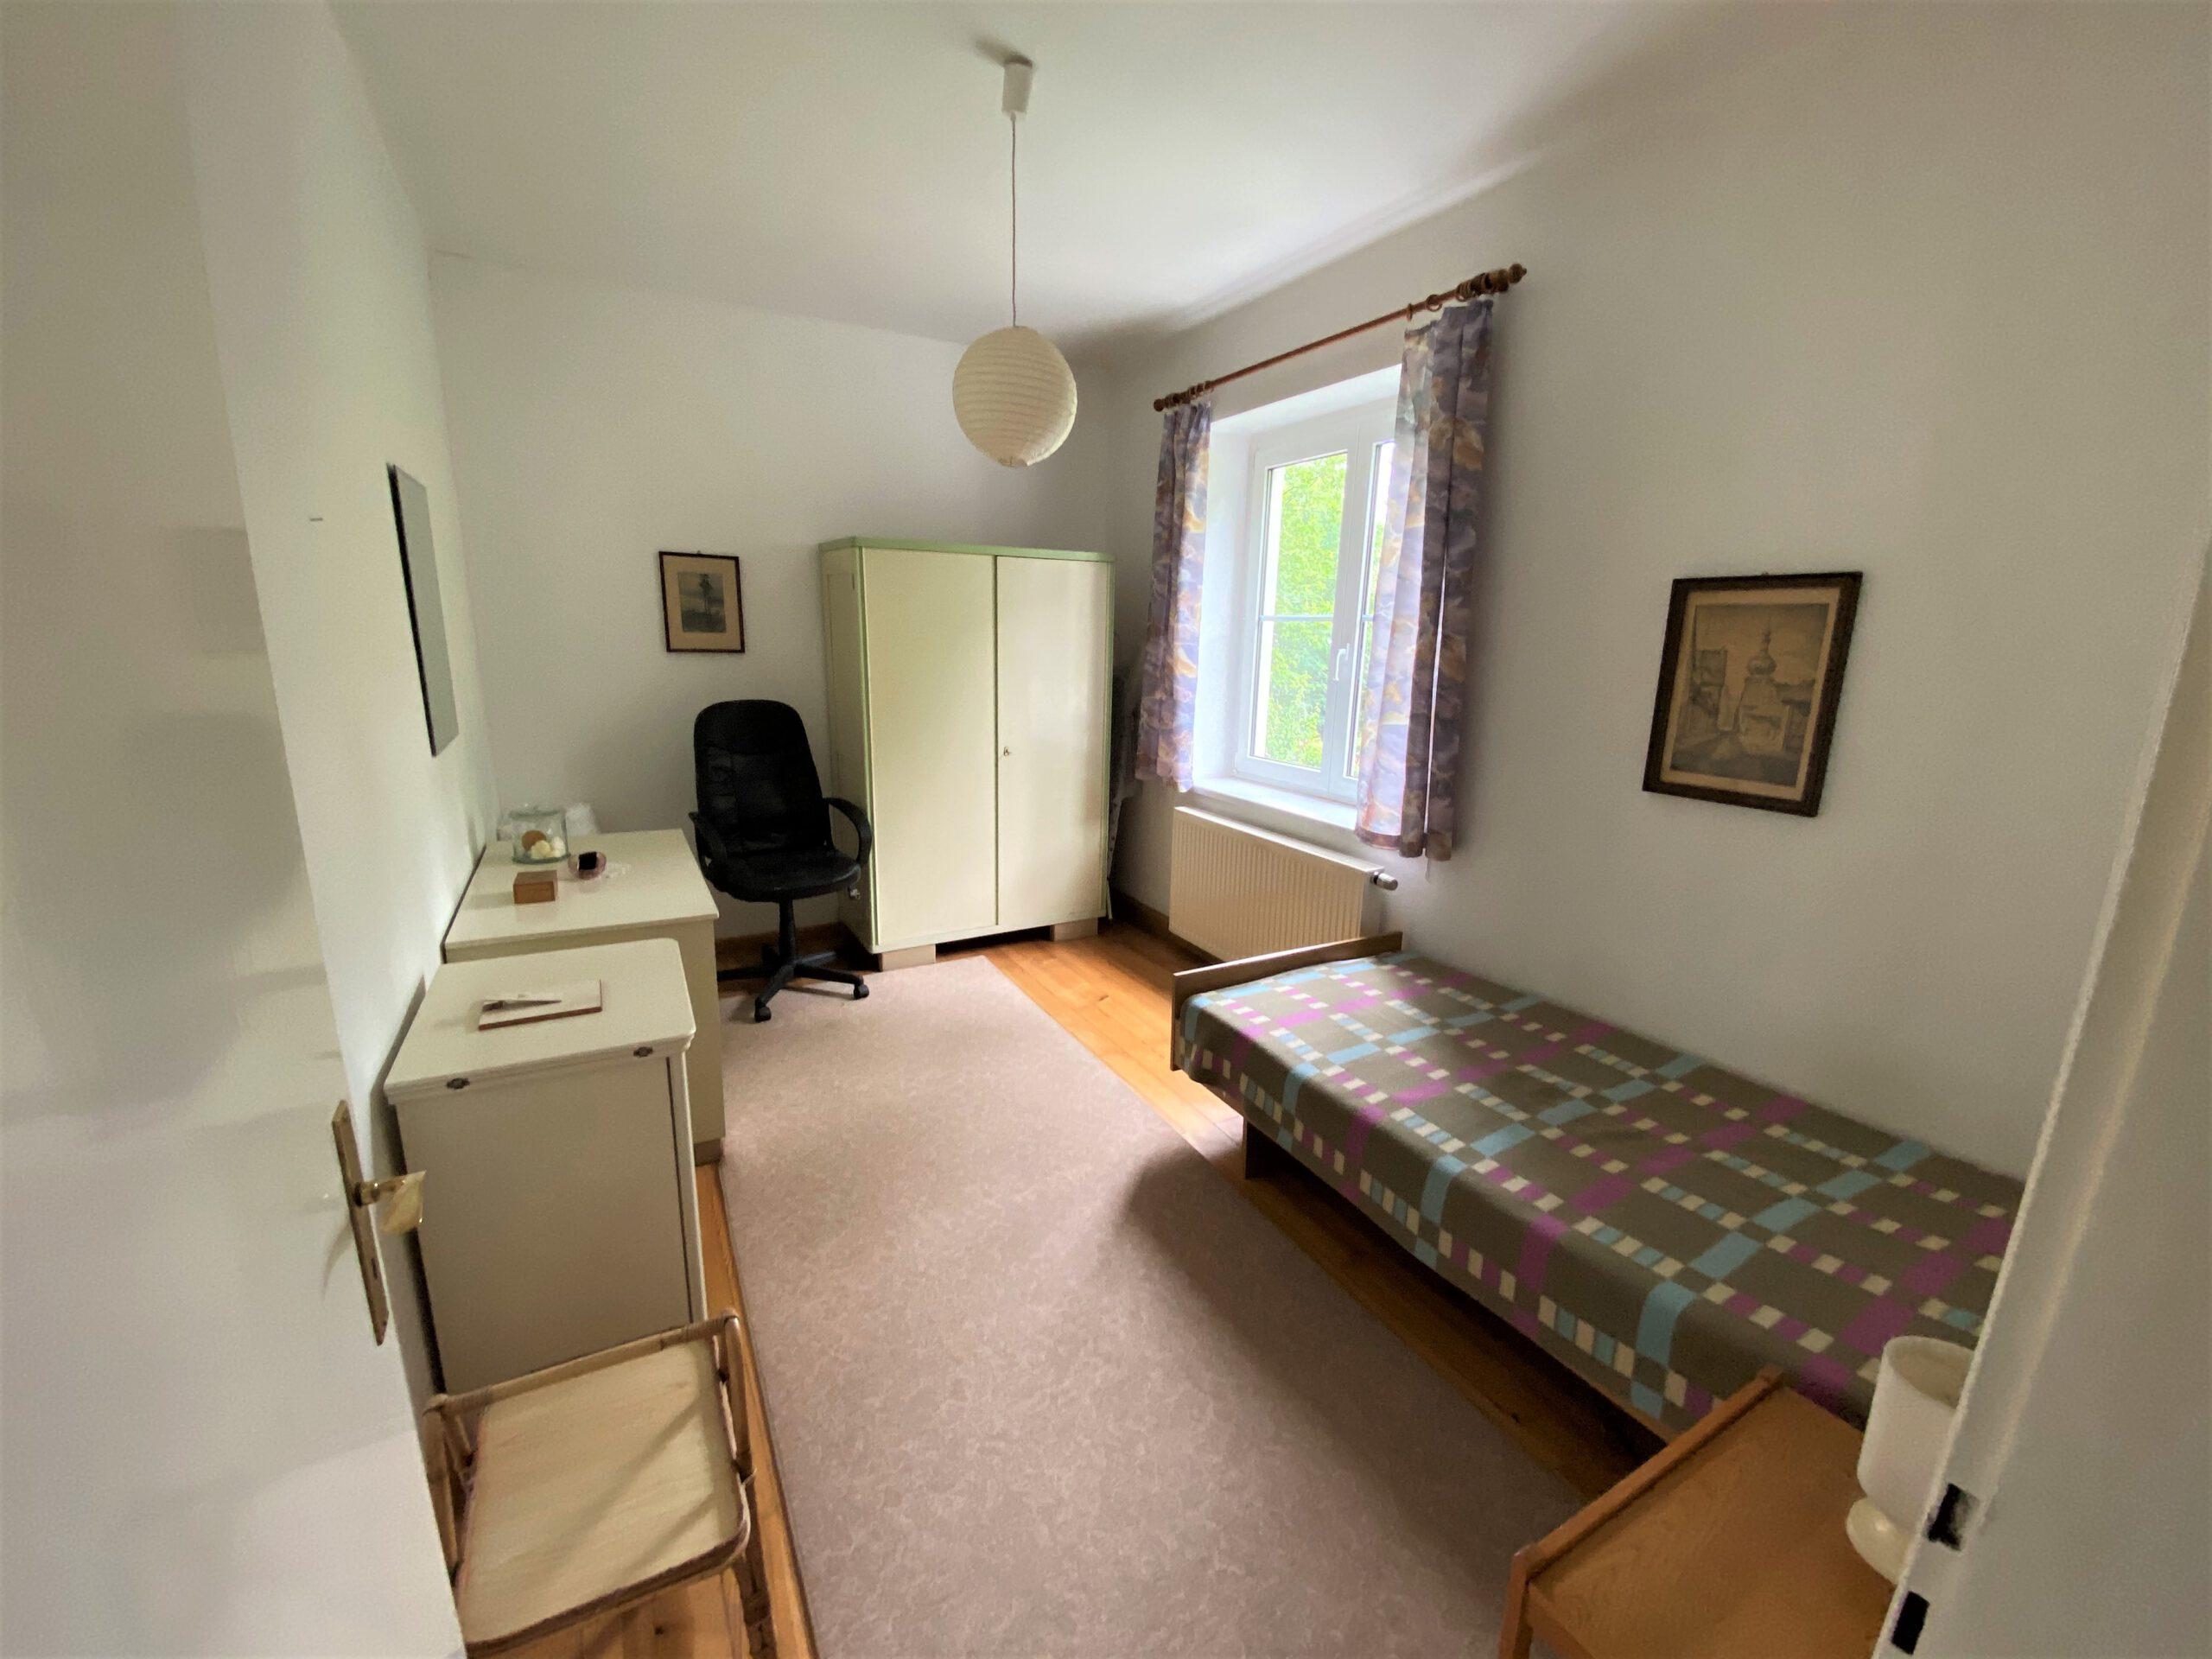 Einfamilienhaus in Leuna - Zimmer im Obergeschoss